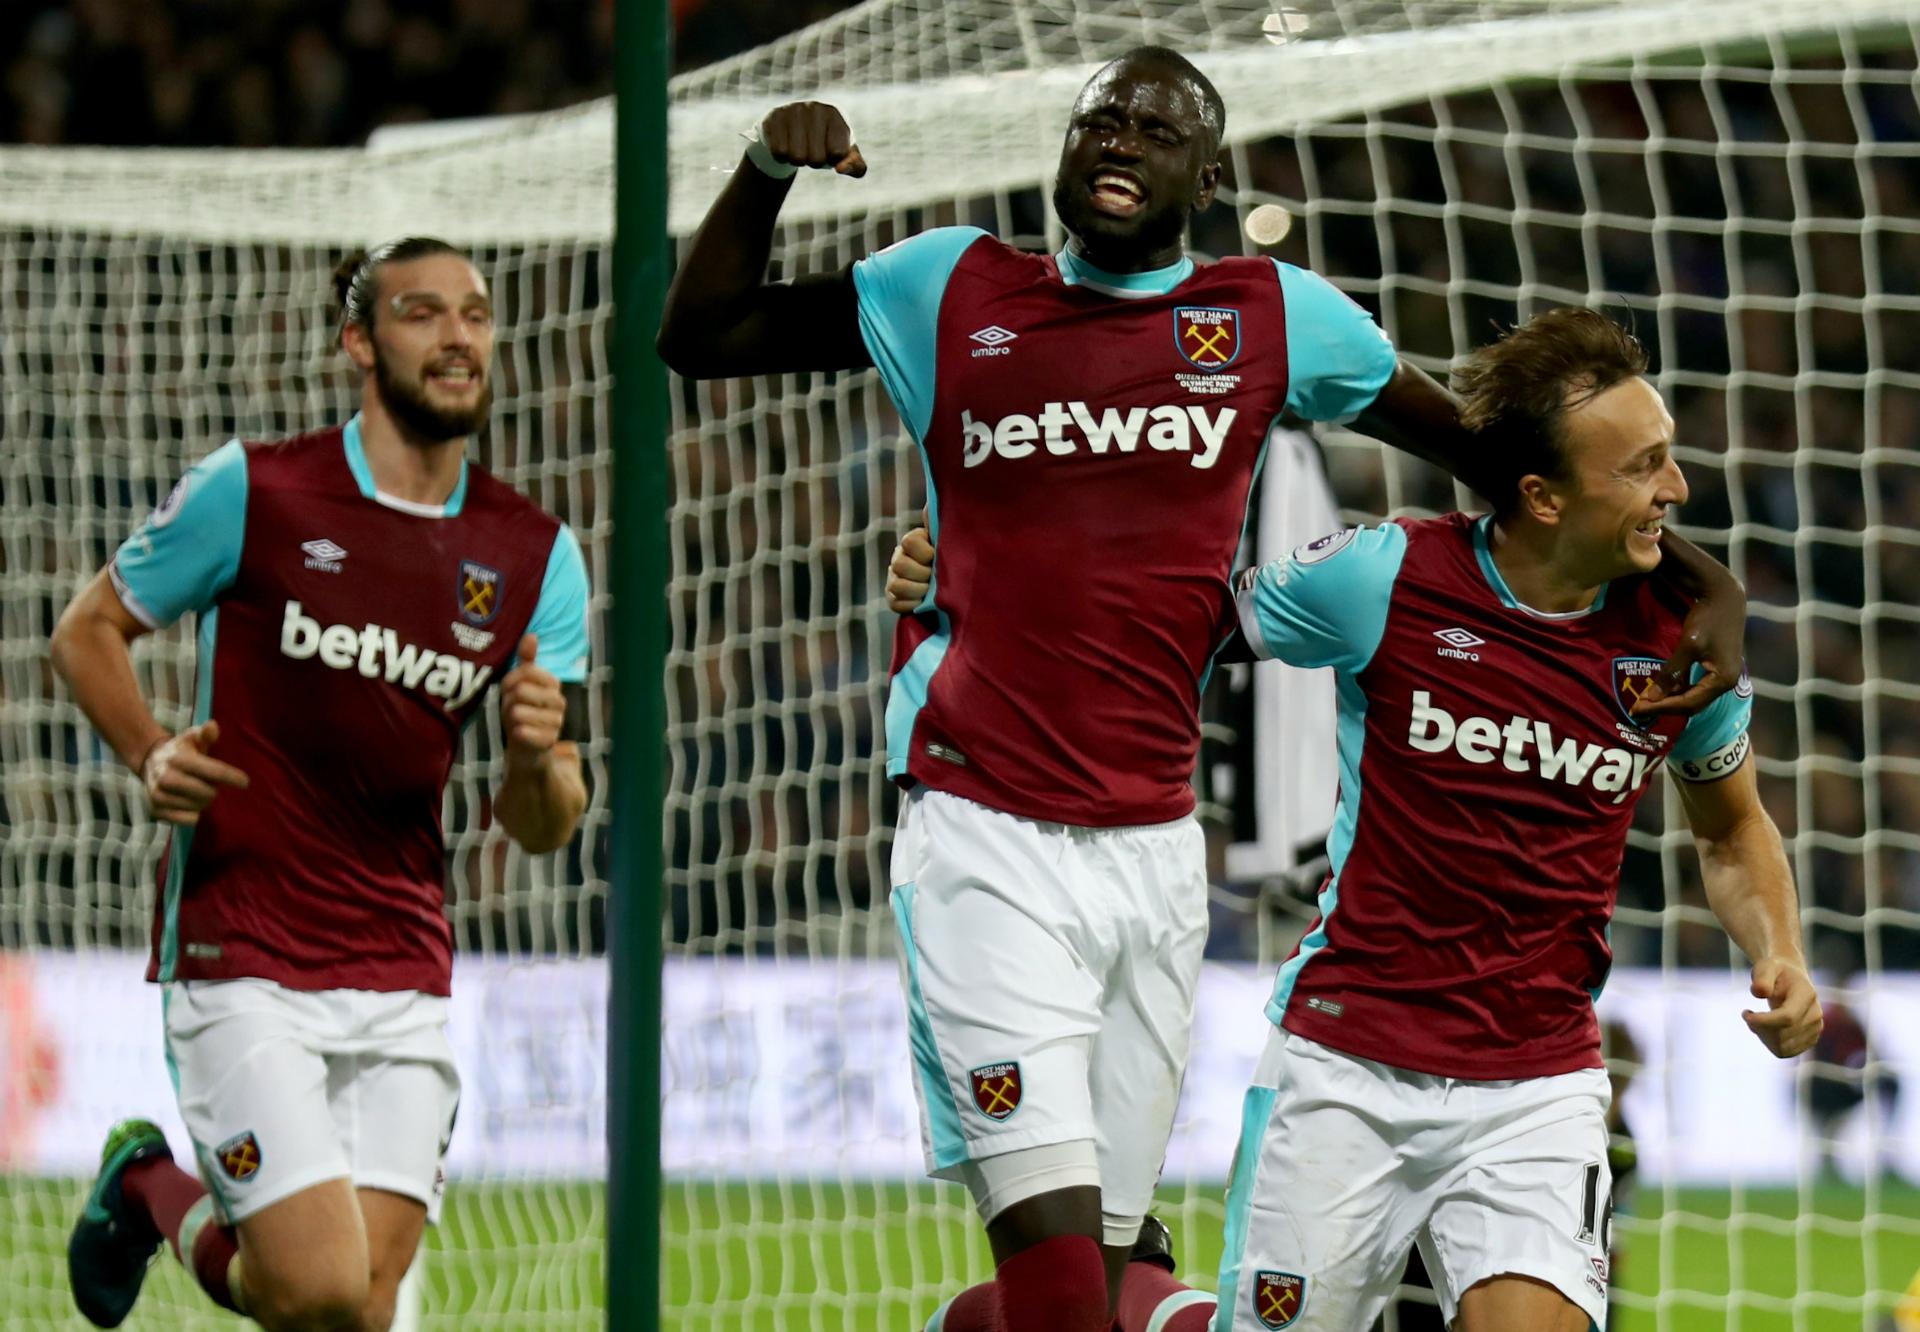 It's not pretty but West Ham grab three vital Premier League points